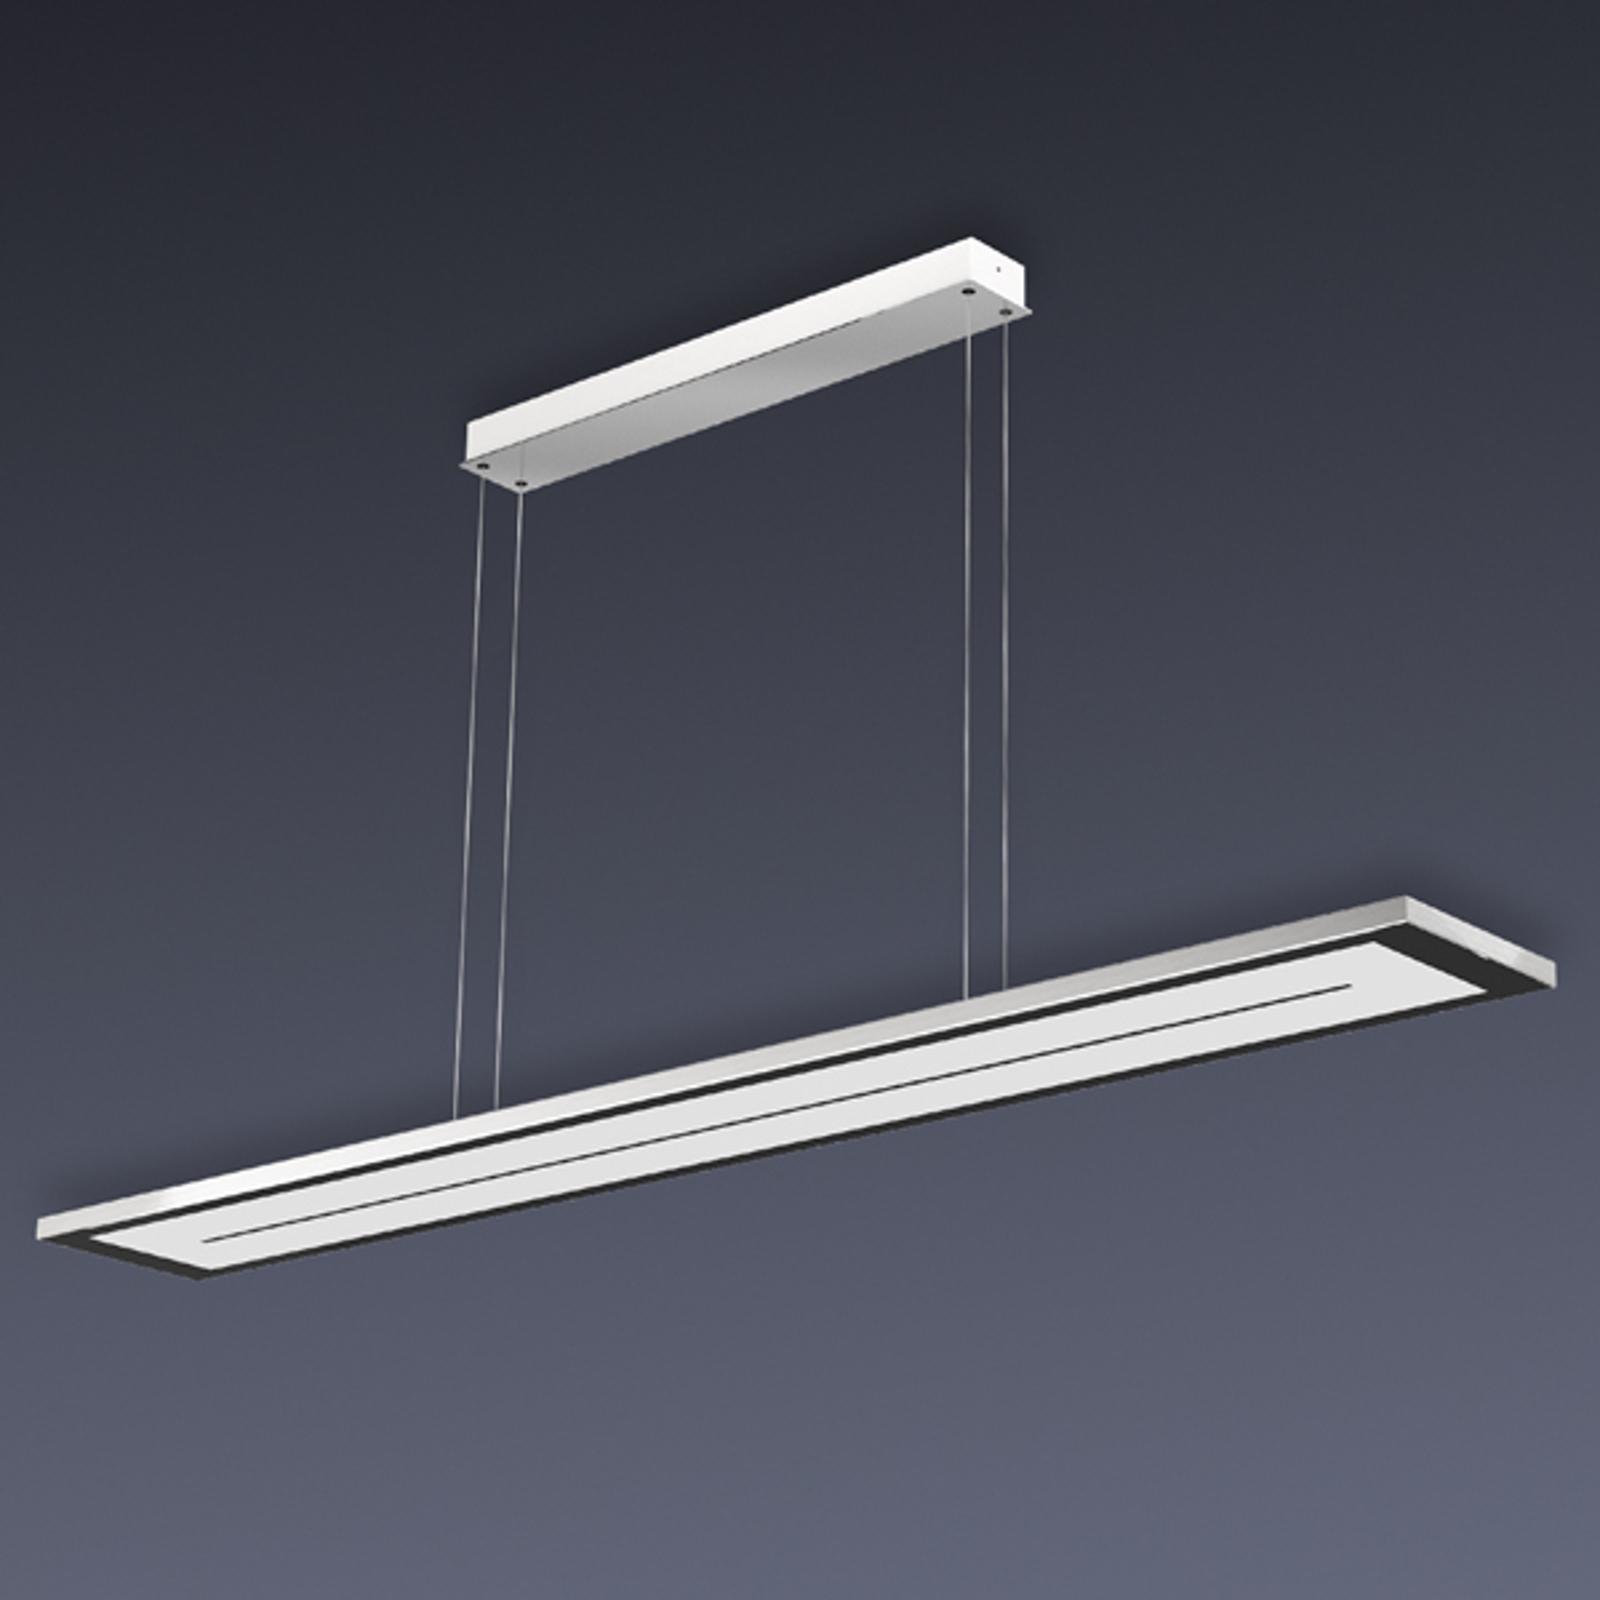 Dimmable LED pendant light Zen, 138 cm_3025229_1